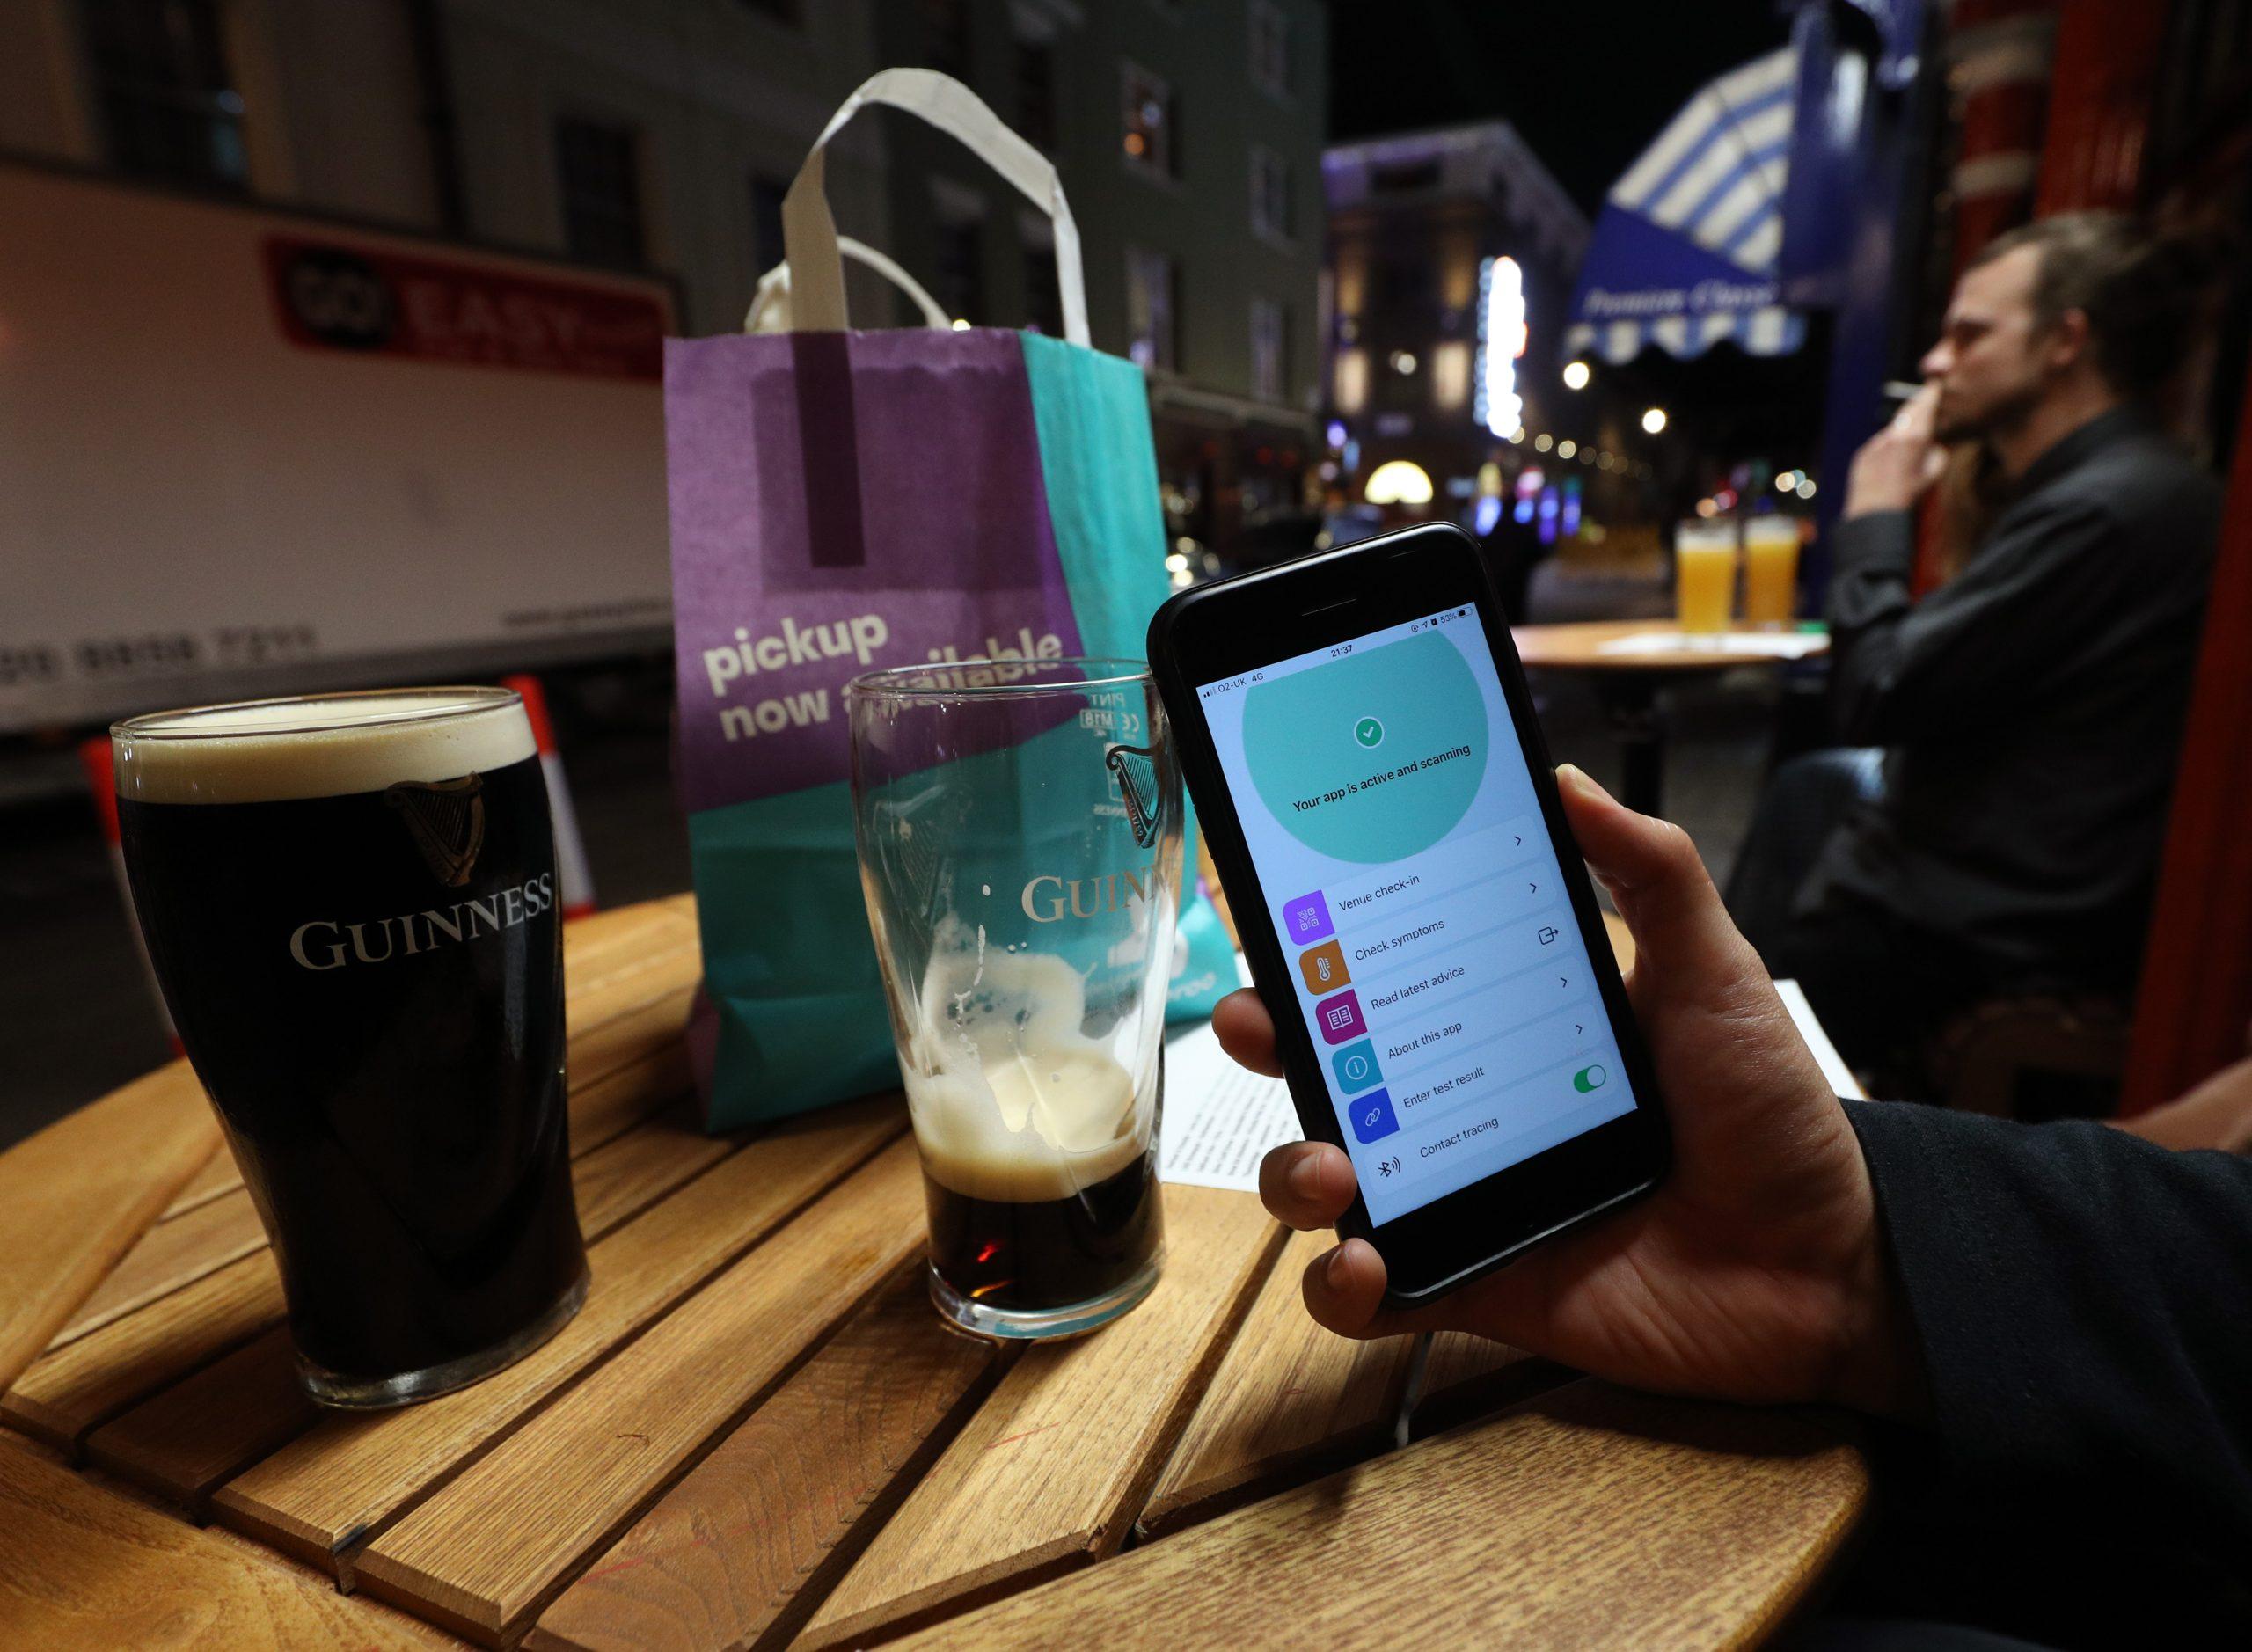 接触追跡アプリ、英国で60万件の感染防止か=オックスフォード大